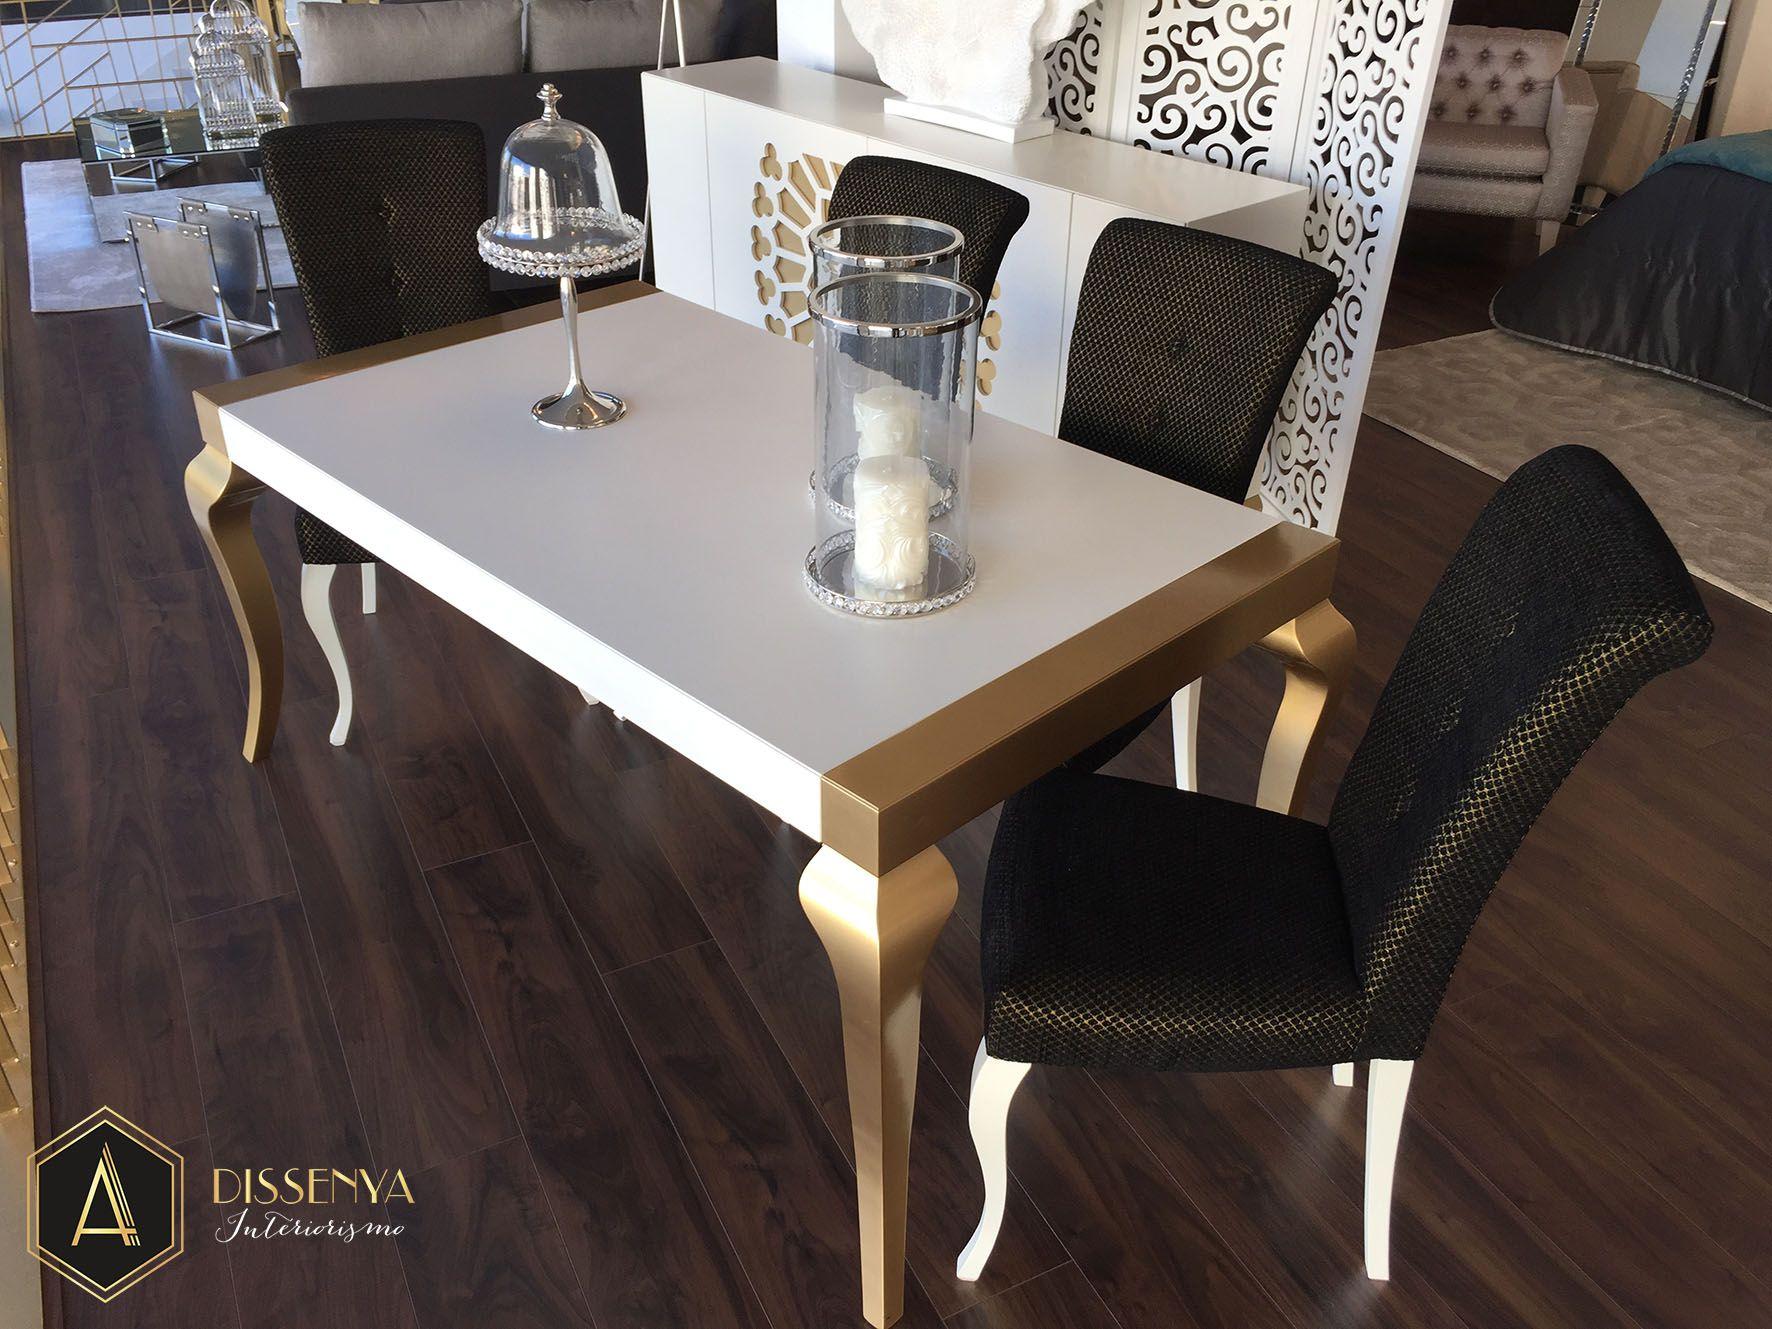 #mesa en la exposición de Adissenya https://es.pinterest.com/adissenya/